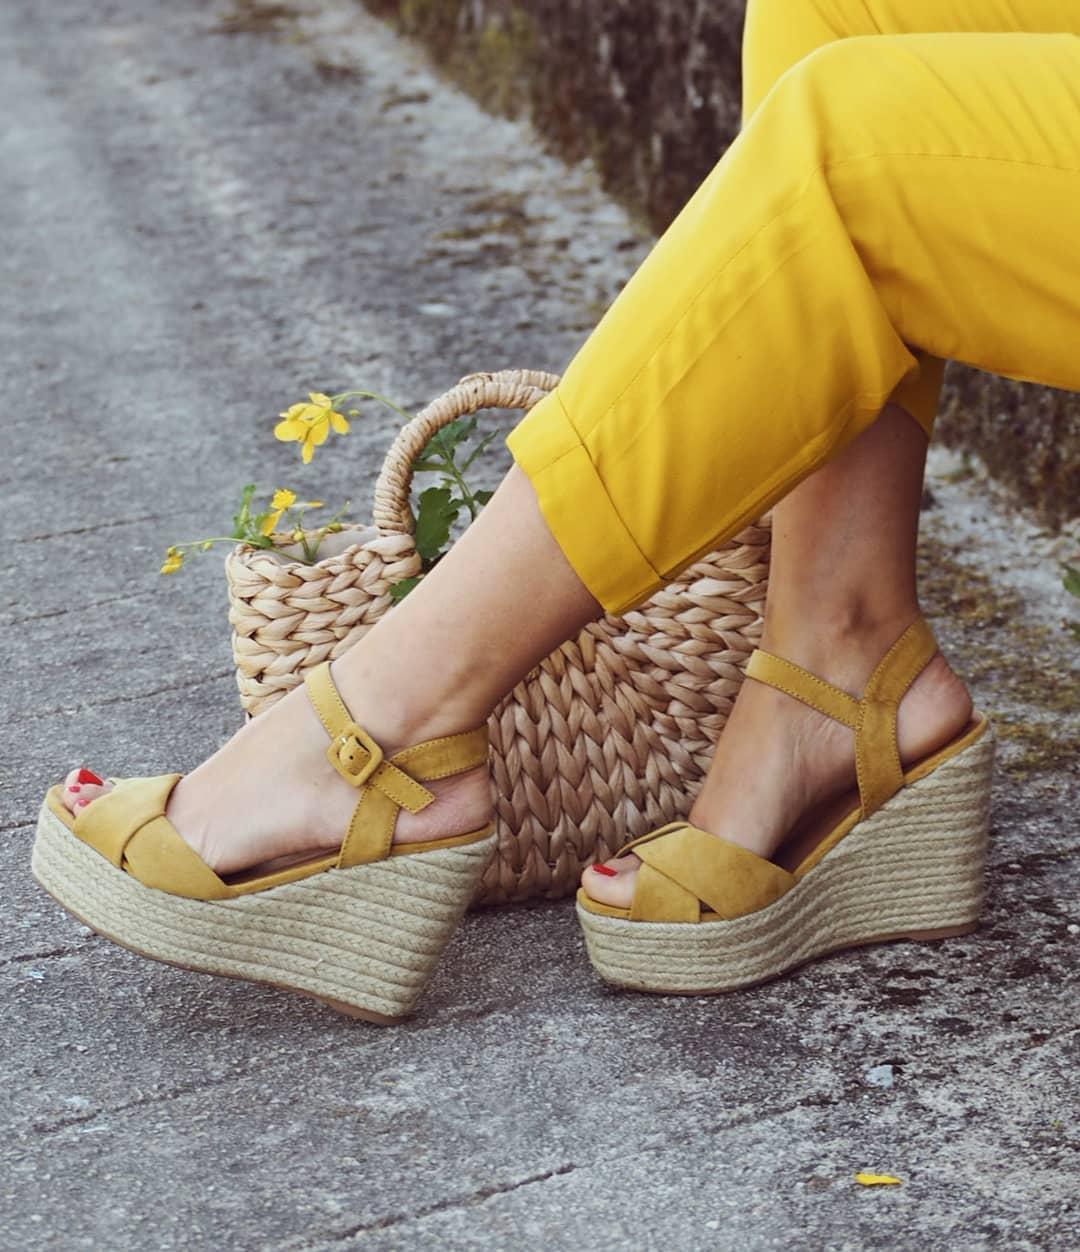 d9901cd8 Si hay una calzado clásico de esta estación, esos son los zapatos de mujer  con cuña de esparto. Además de ser cómodos y versátiles, encontrarás una  multitud ...